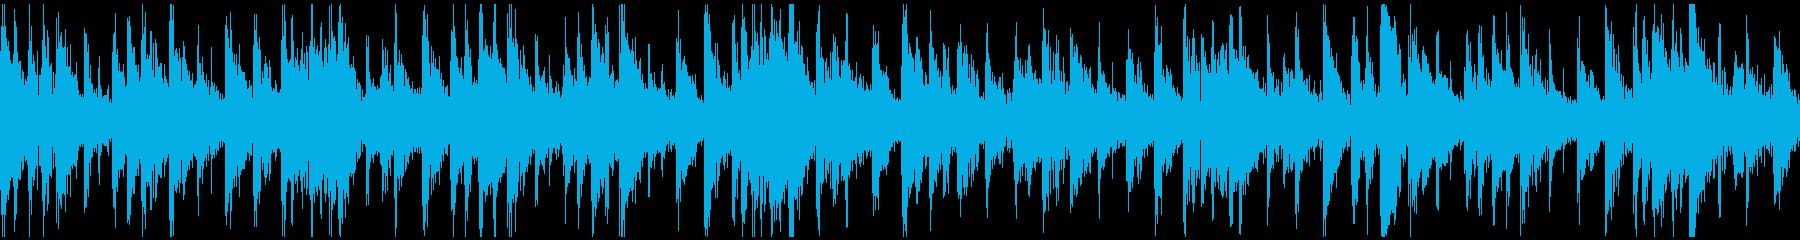 ループ[ニュース報道]無機質:11の再生済みの波形